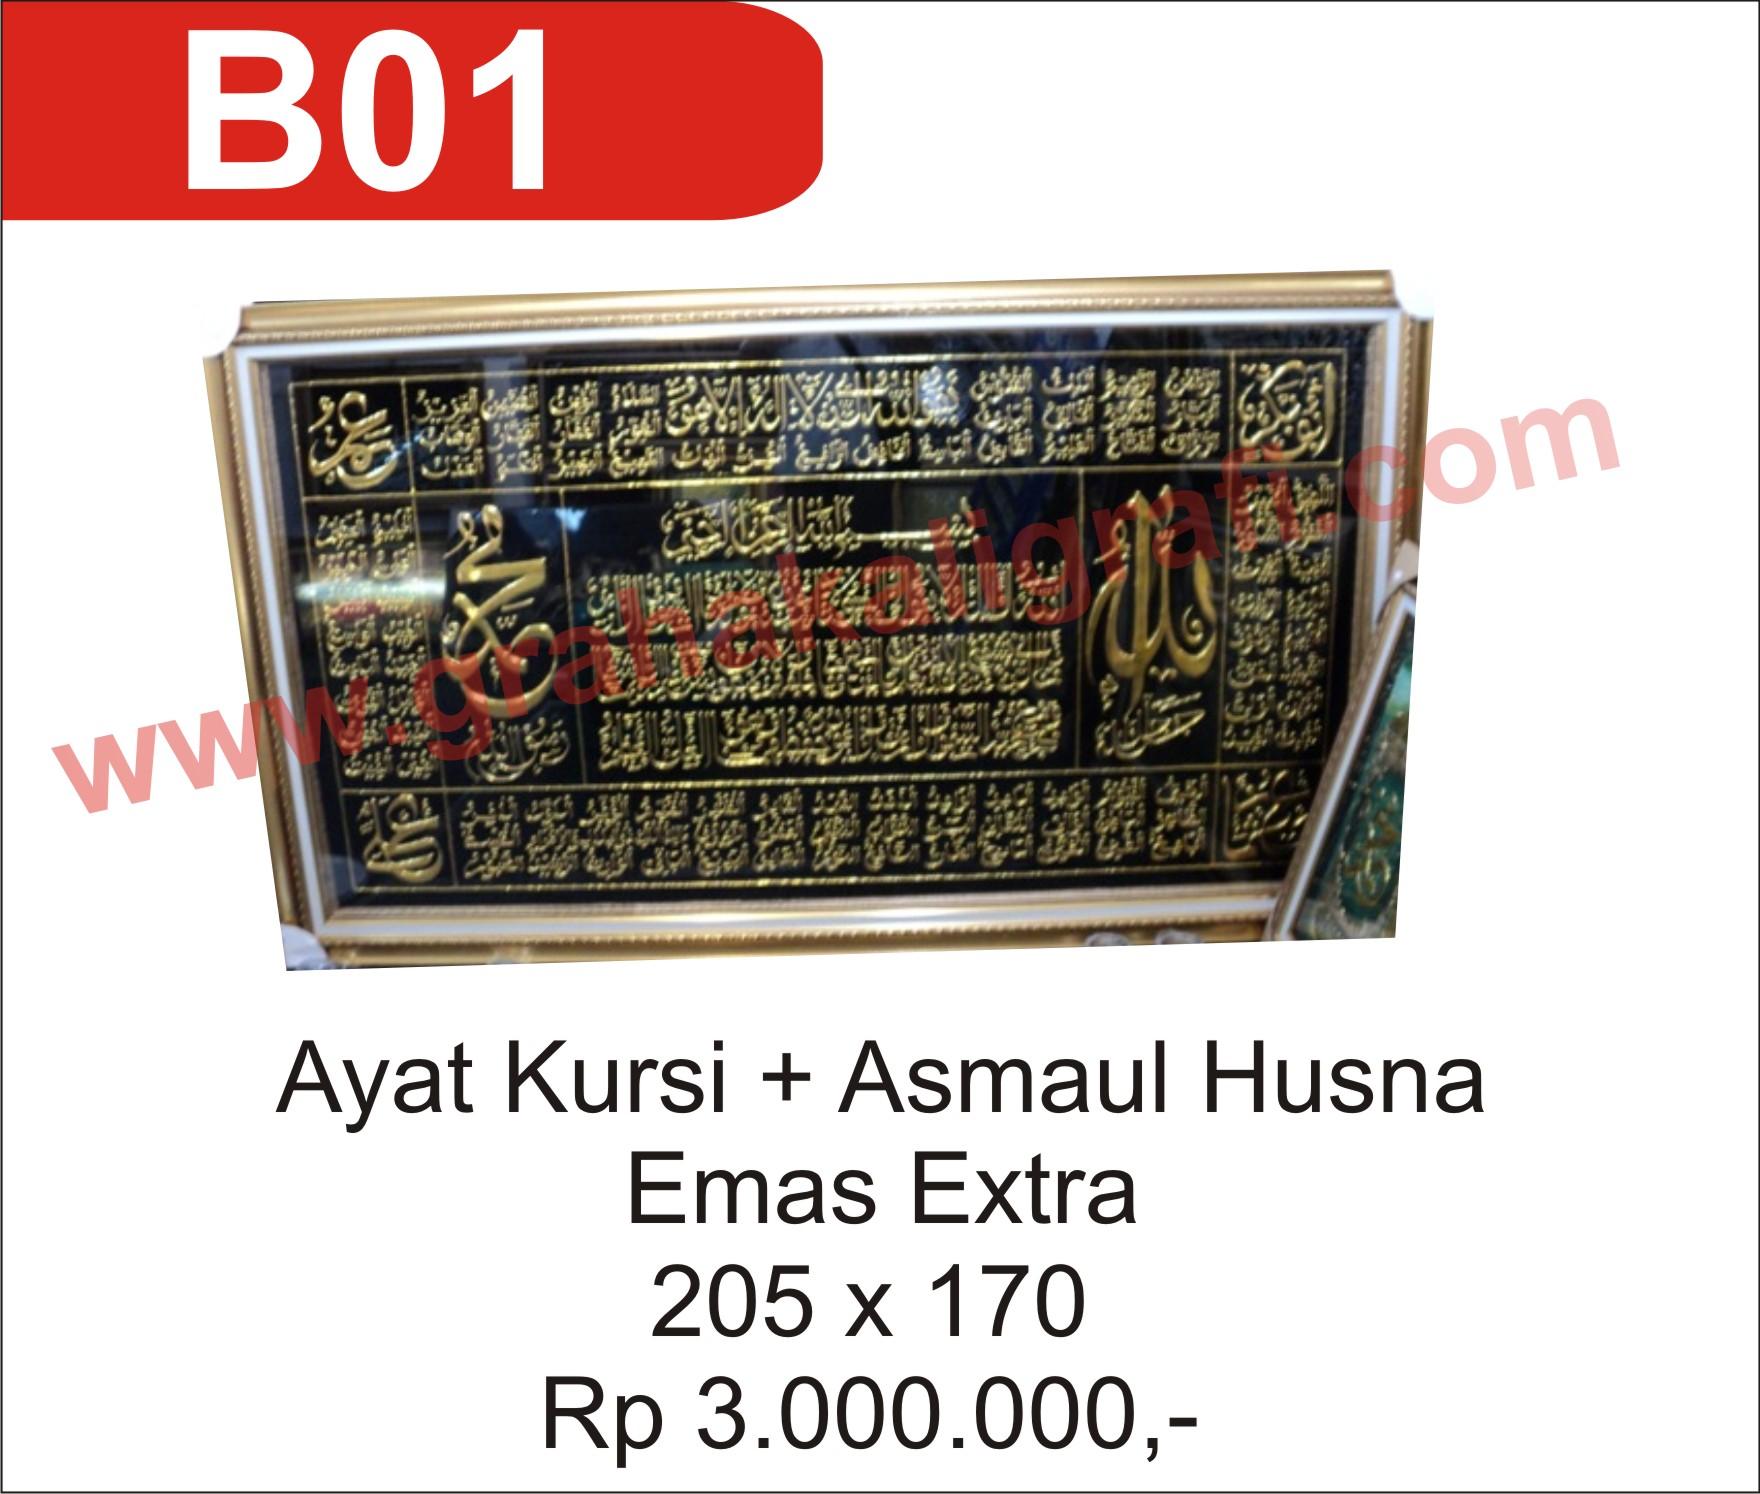 b01-ayat-kursi-asmaul-husna-graha-kaligrafi-e28093-kaligrafi-islam ...